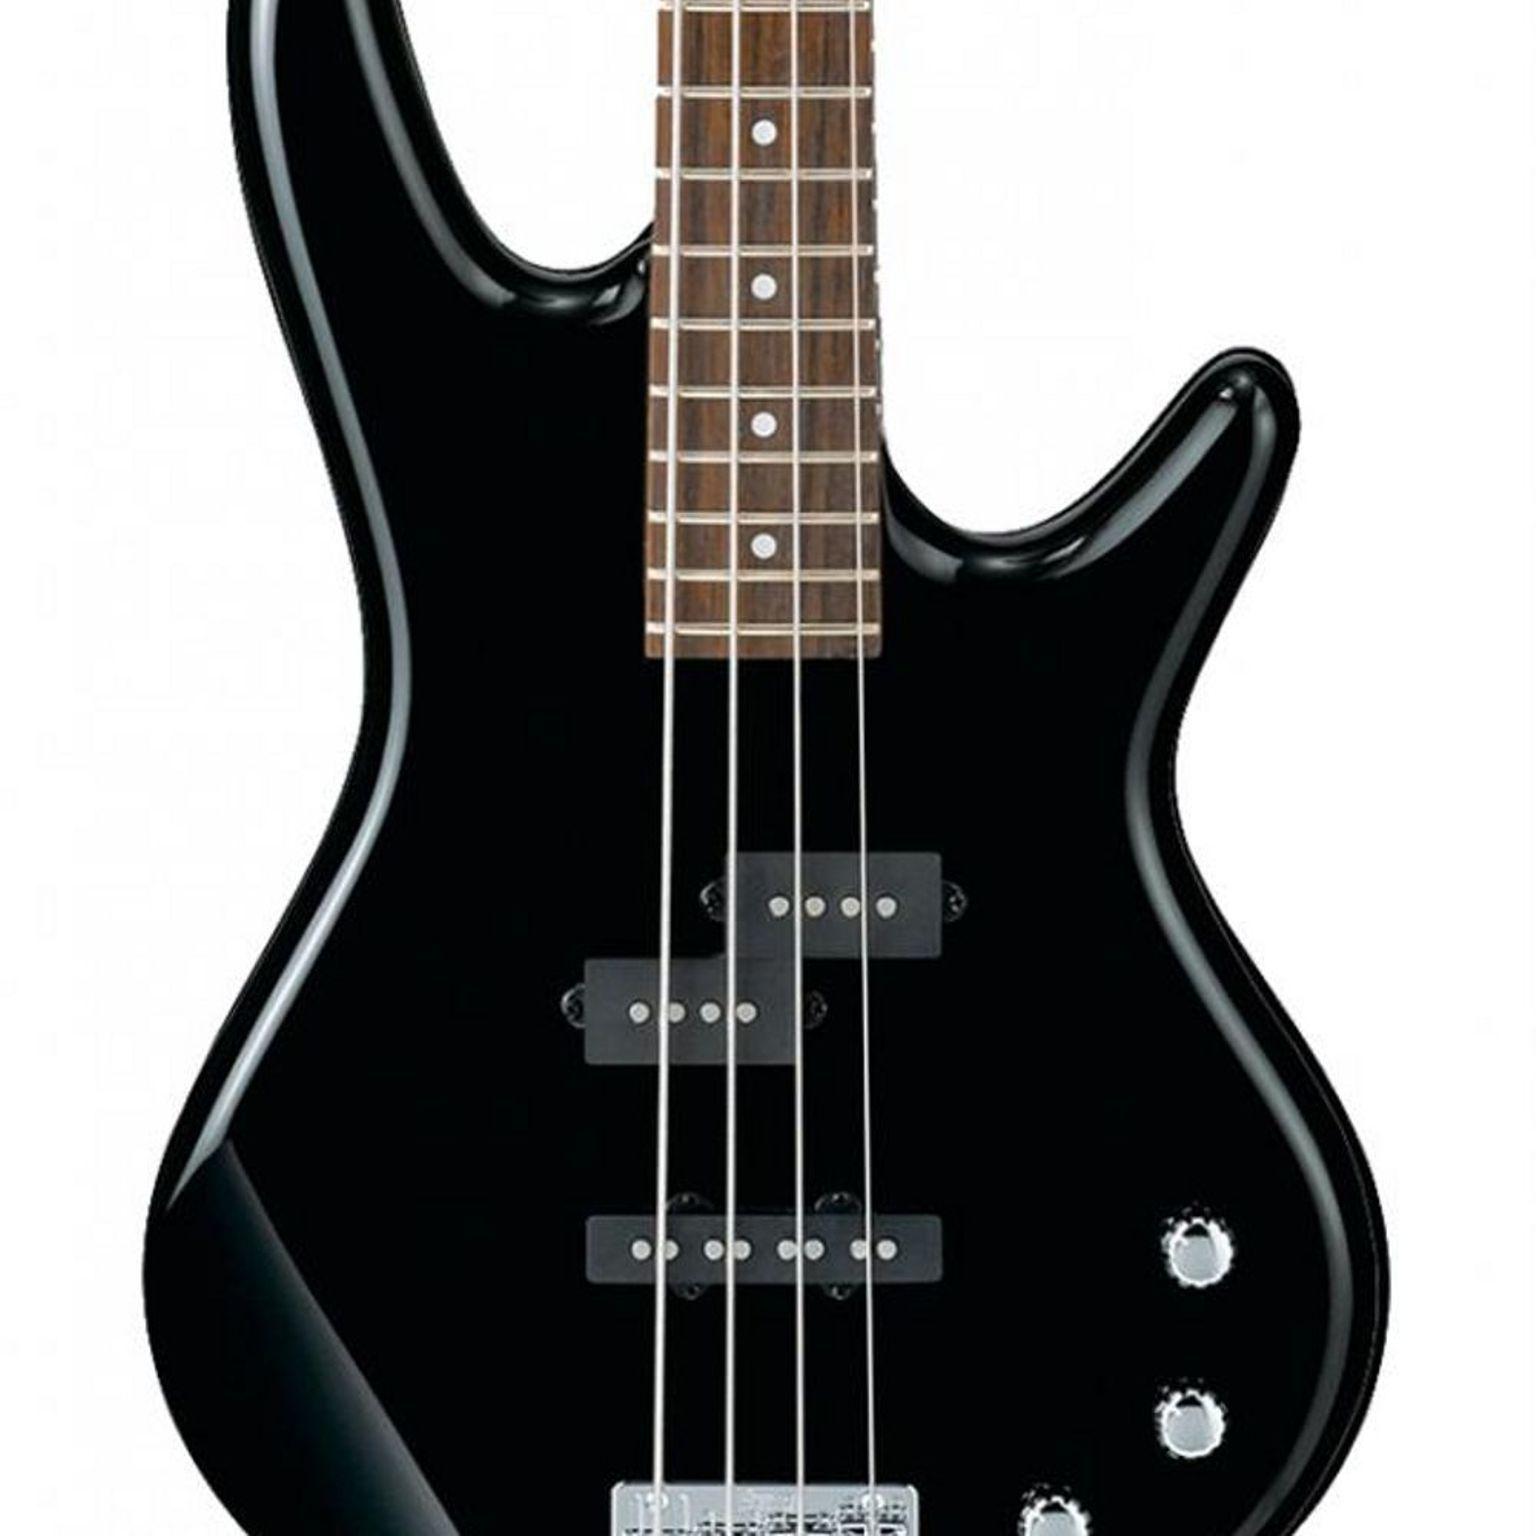 E-Bass-Set-Ibanez-Jumpstart-Bass-IJSR190-BK-54bdd4cjpg